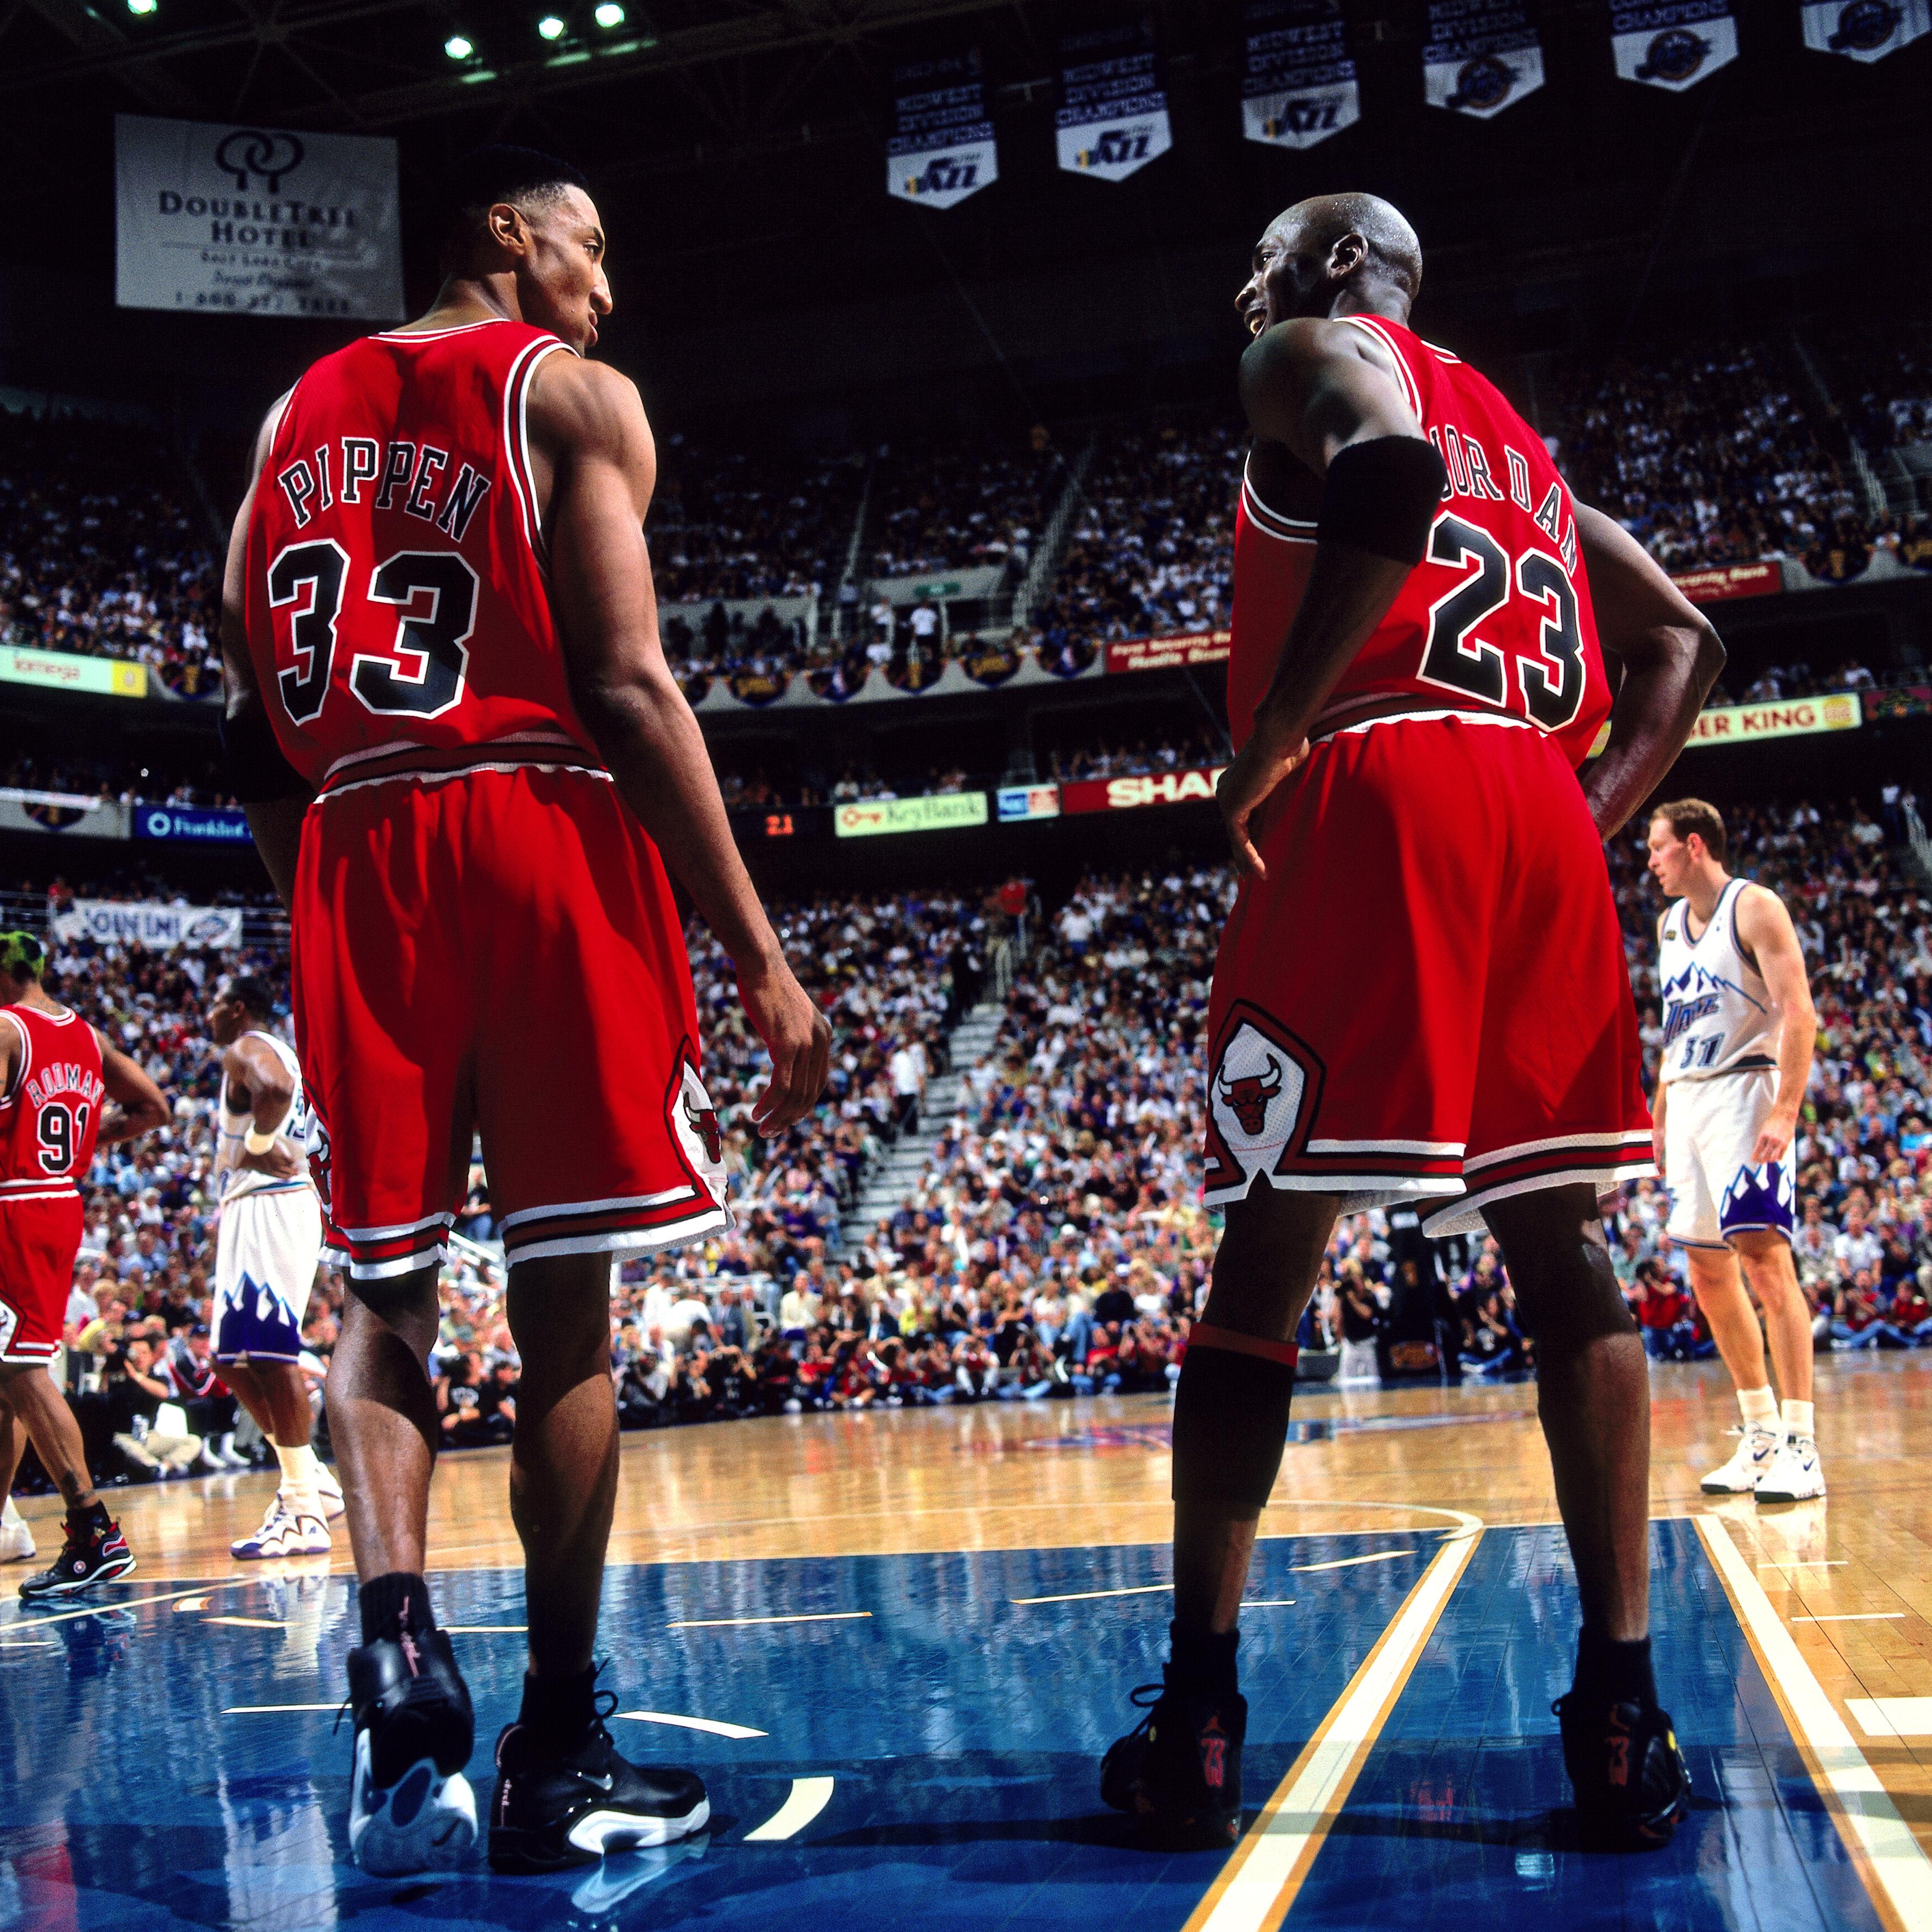 Michael Jordan brought me closer